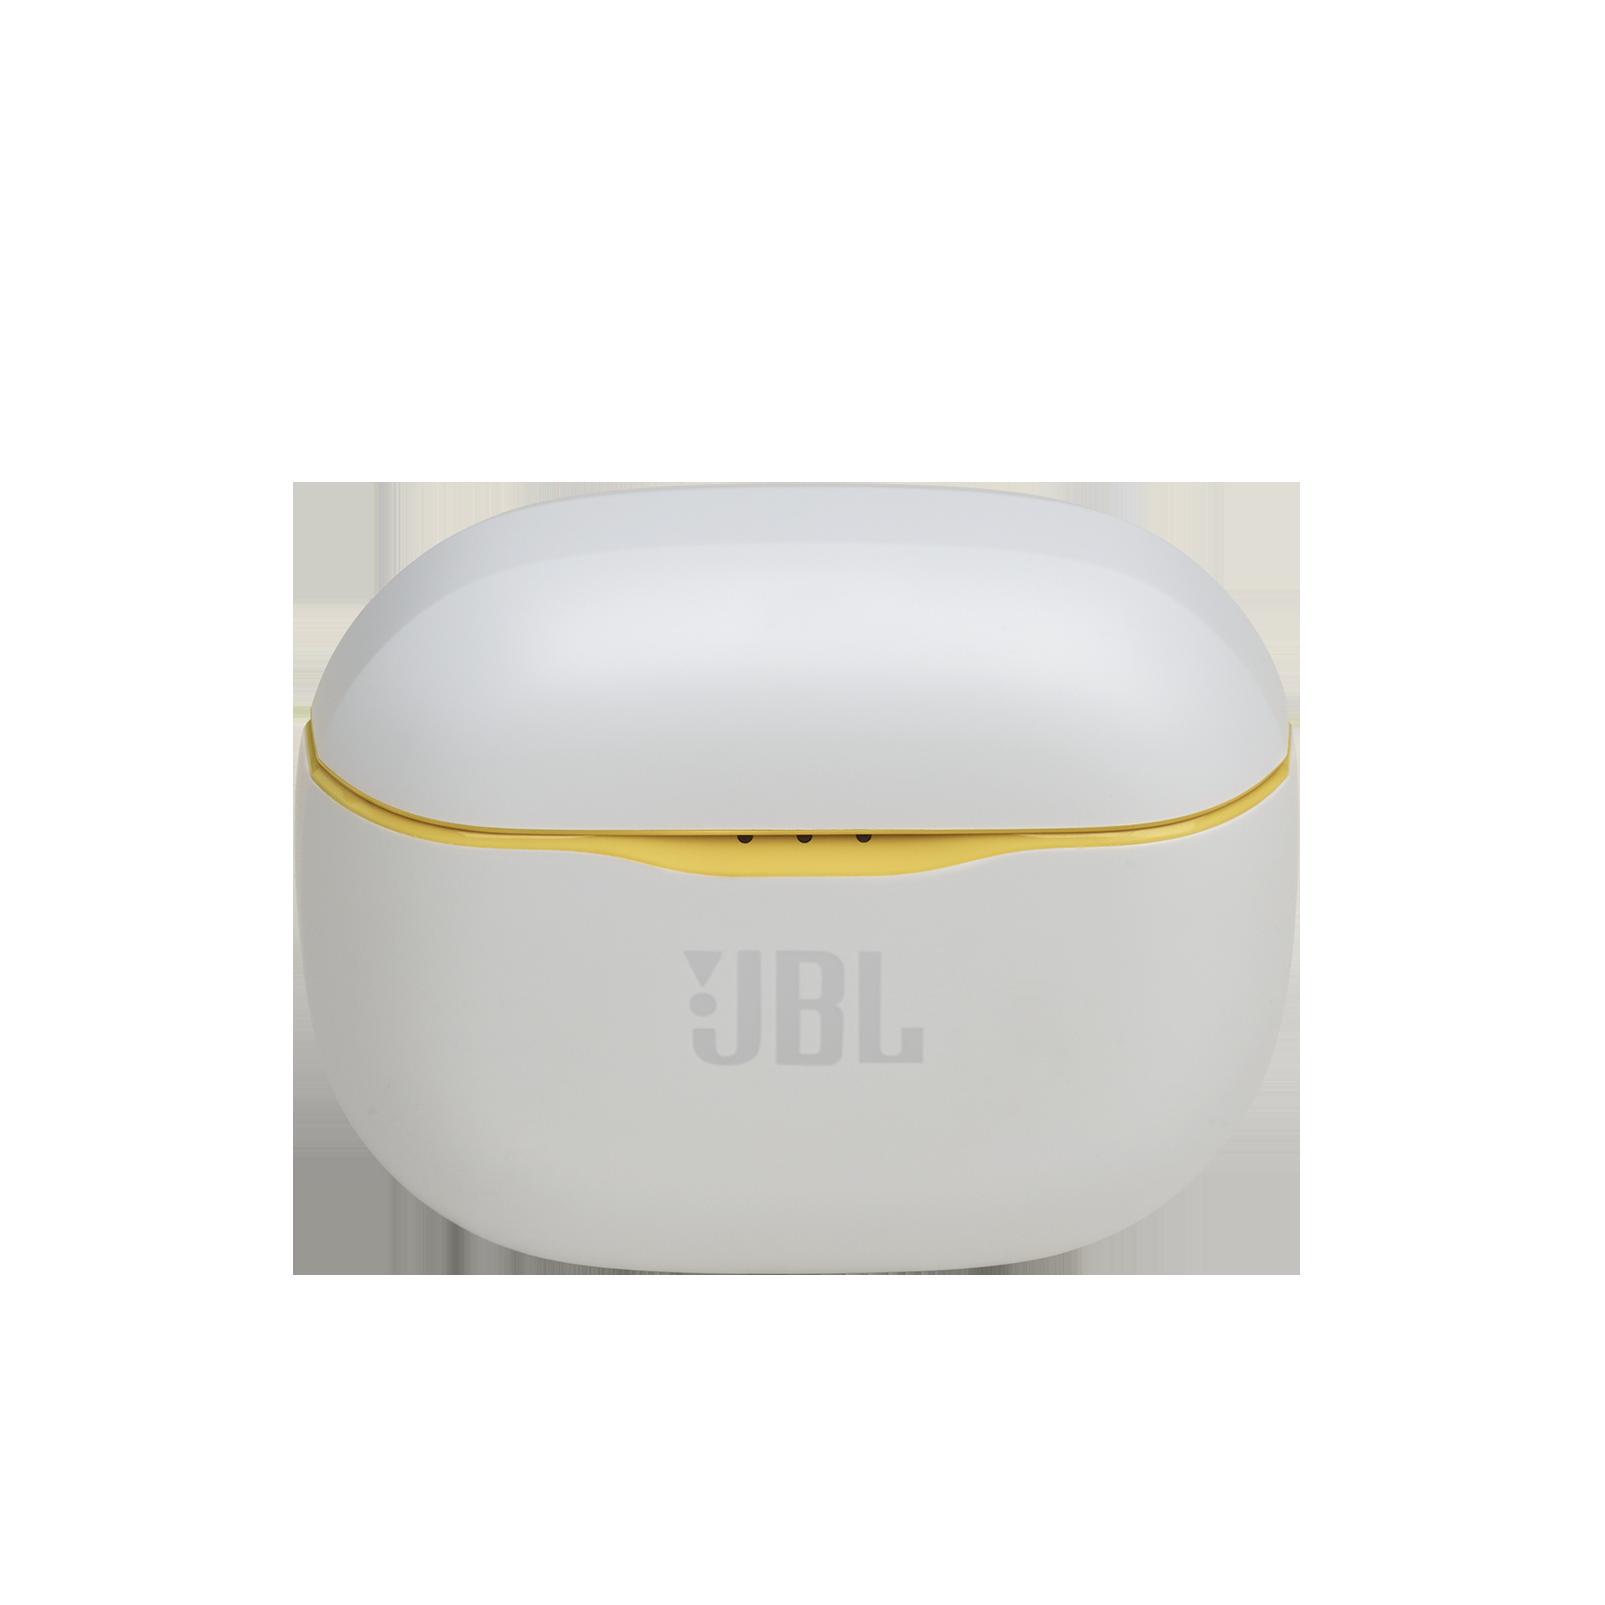 JBL TUNE 120TWS - Yellow - Truly wireless in-ear headphones. - Detailshot 1